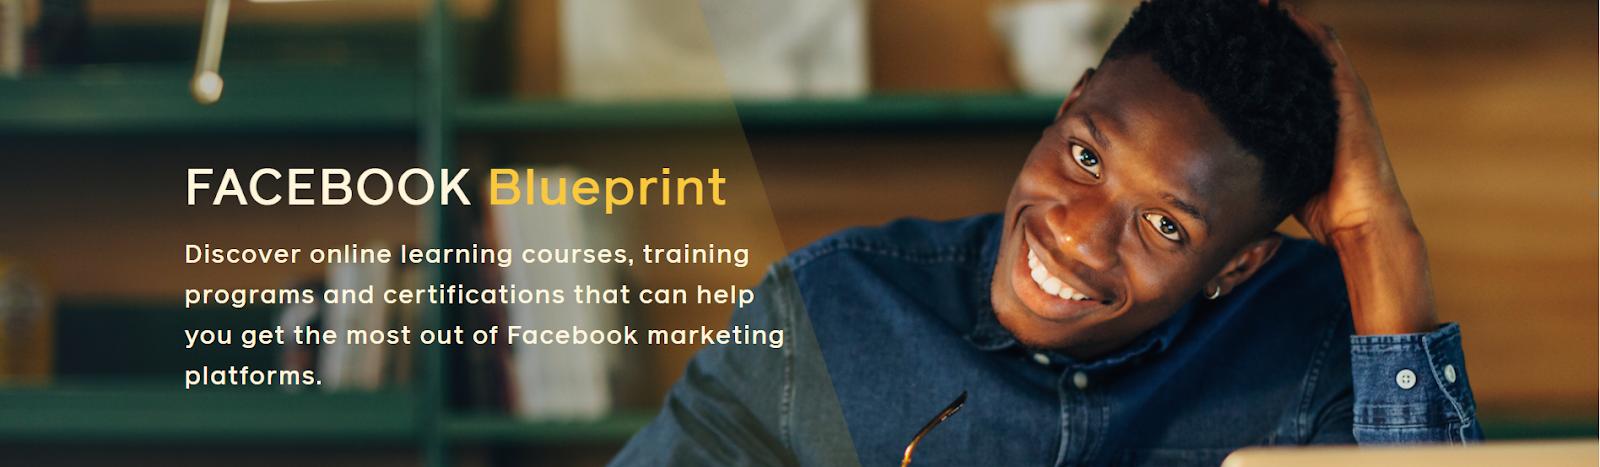 Los mejores cursos de marketing en redes sociales en comparación con Crazy Egg - 1630951191 914 Los mejores cursos de marketing en redes sociales en comparacion